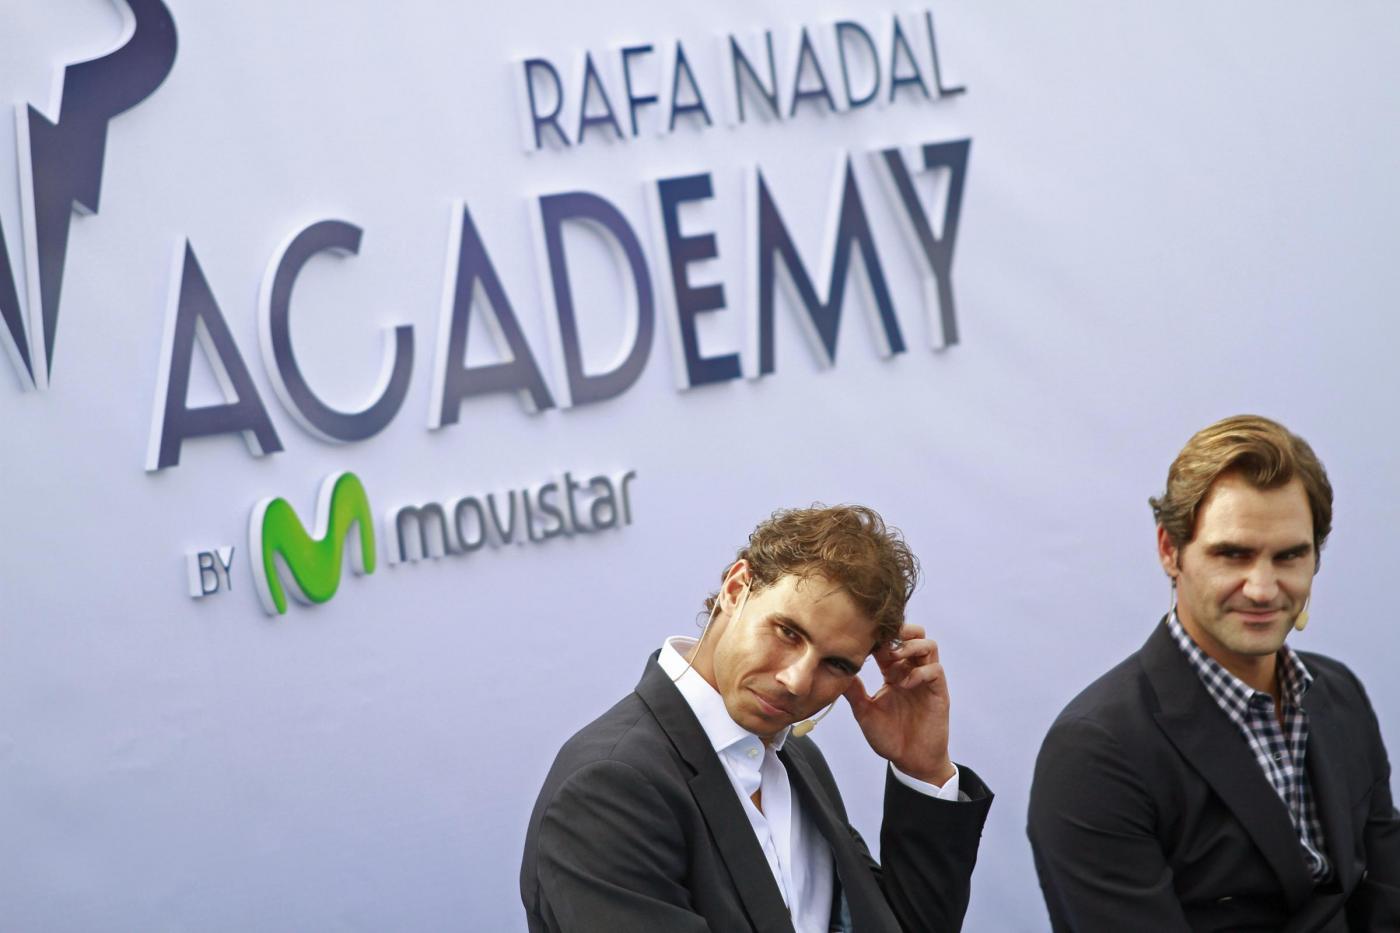 Cerimonia di apertura della Rafa Nadal Academy